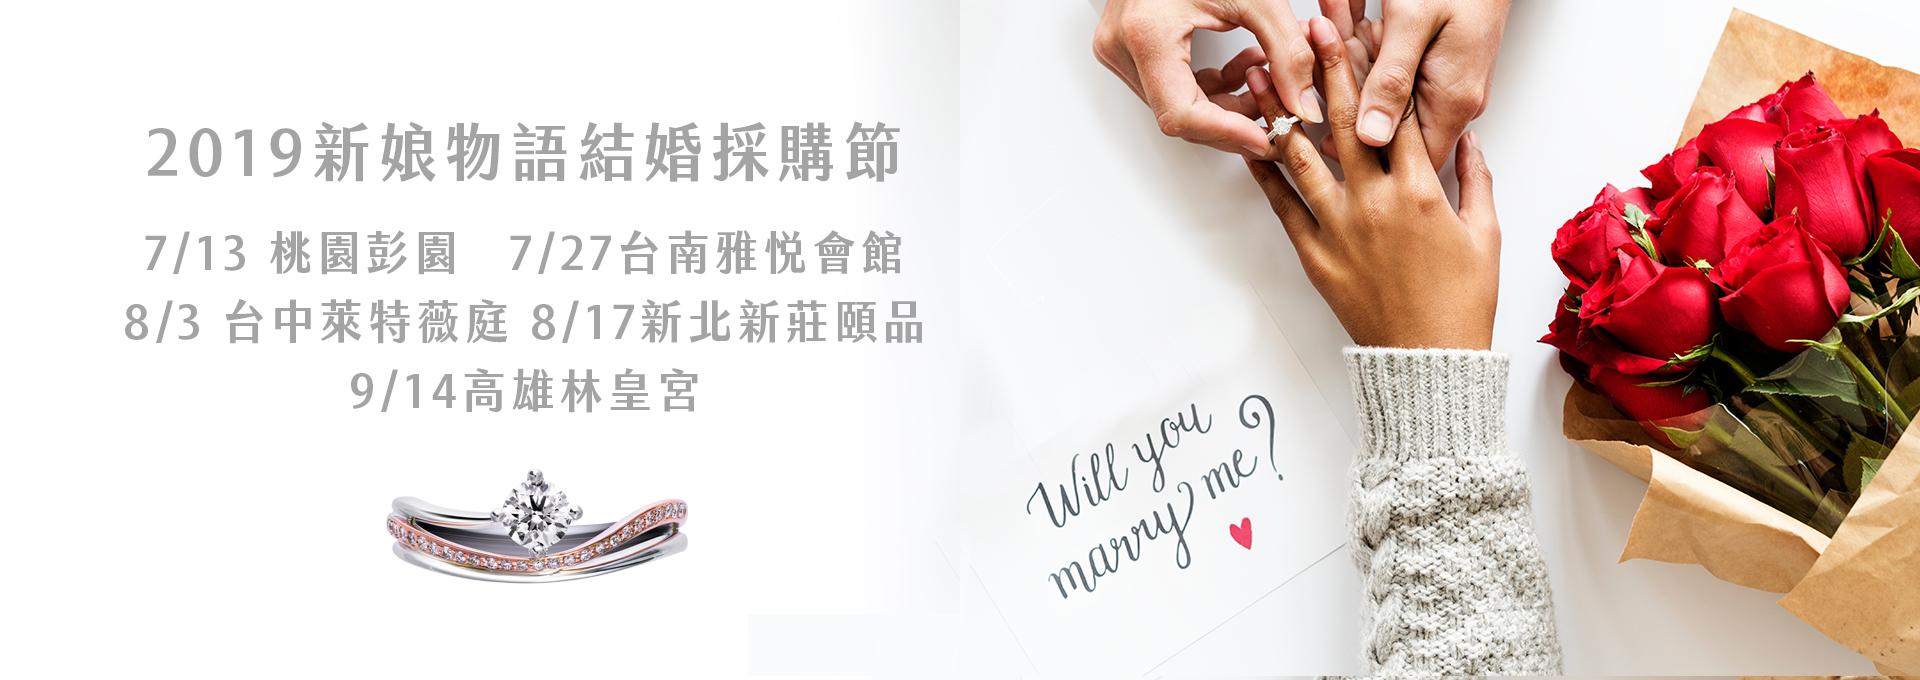 【京華鑽石婚體日】2019婚禮博覽會